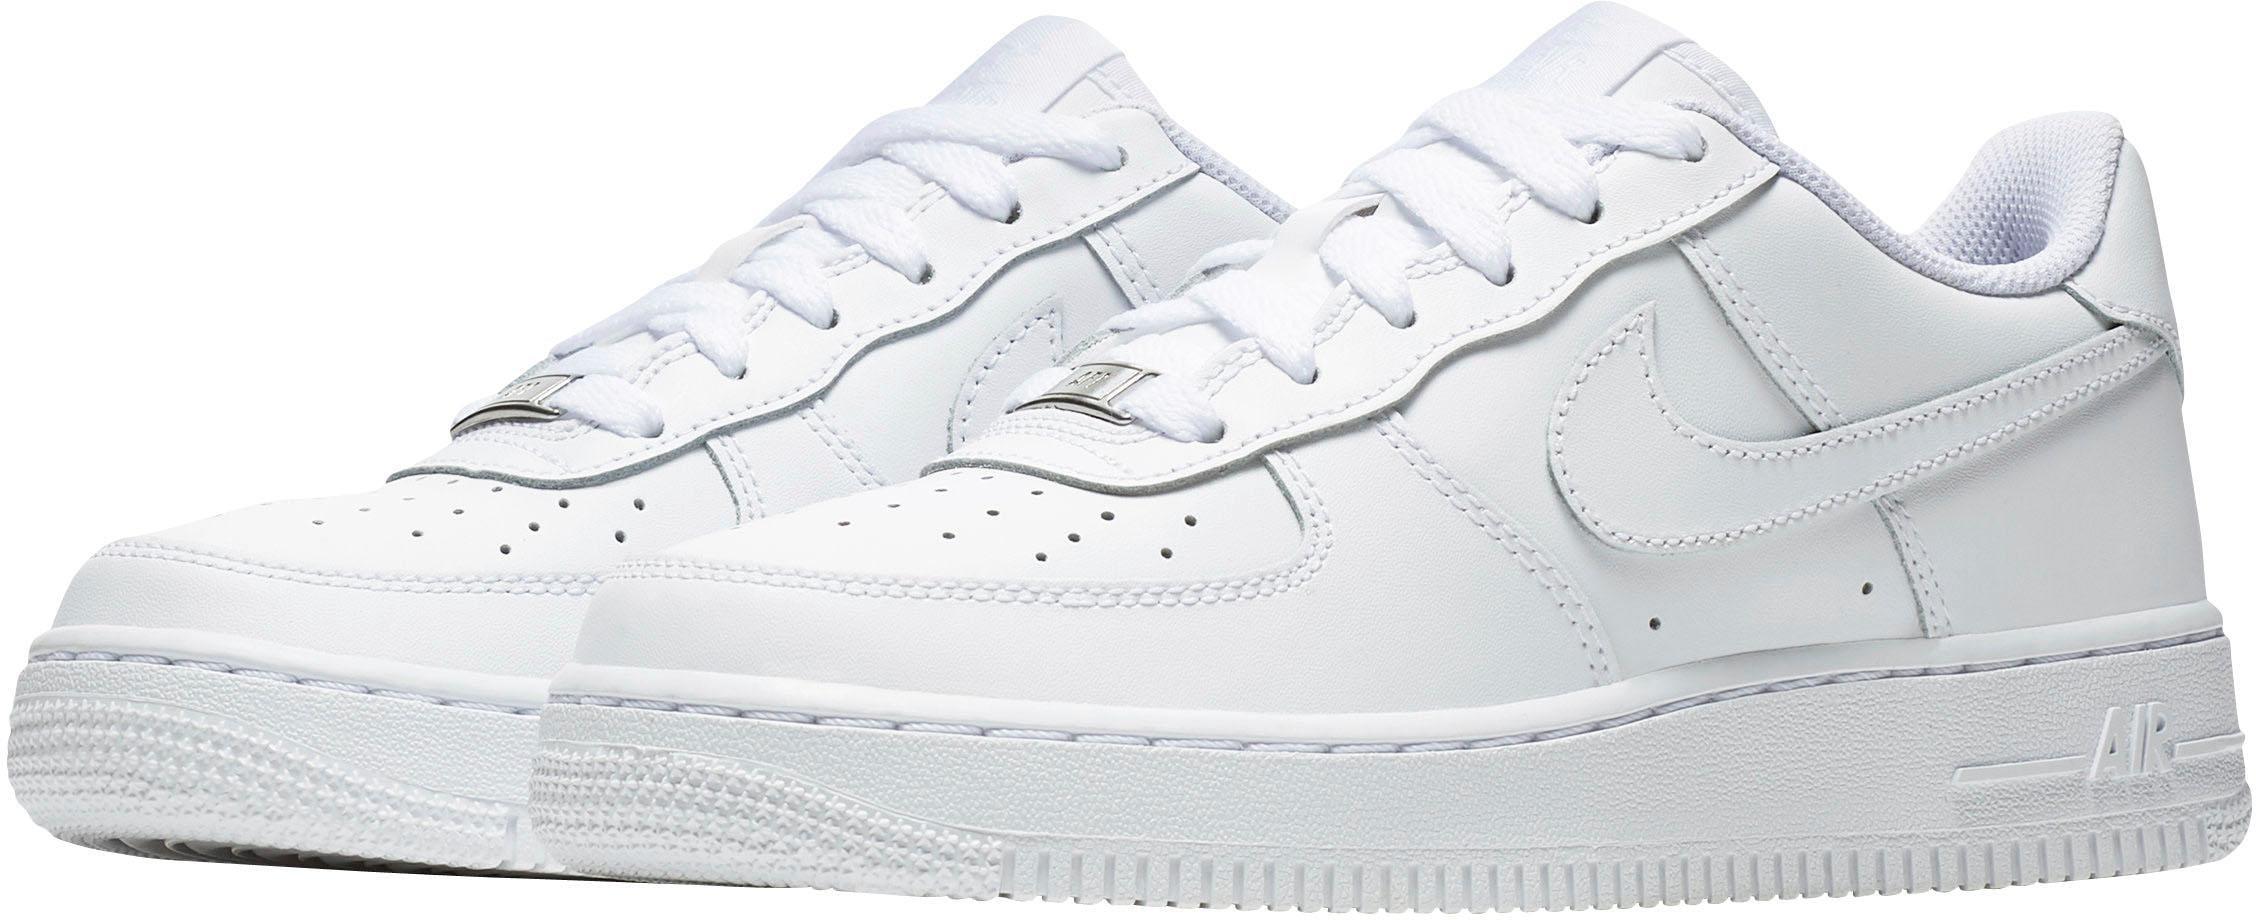 Kinder Schuhe schweiz Nike Air Force 1 Low (GS) Weiß WHITE